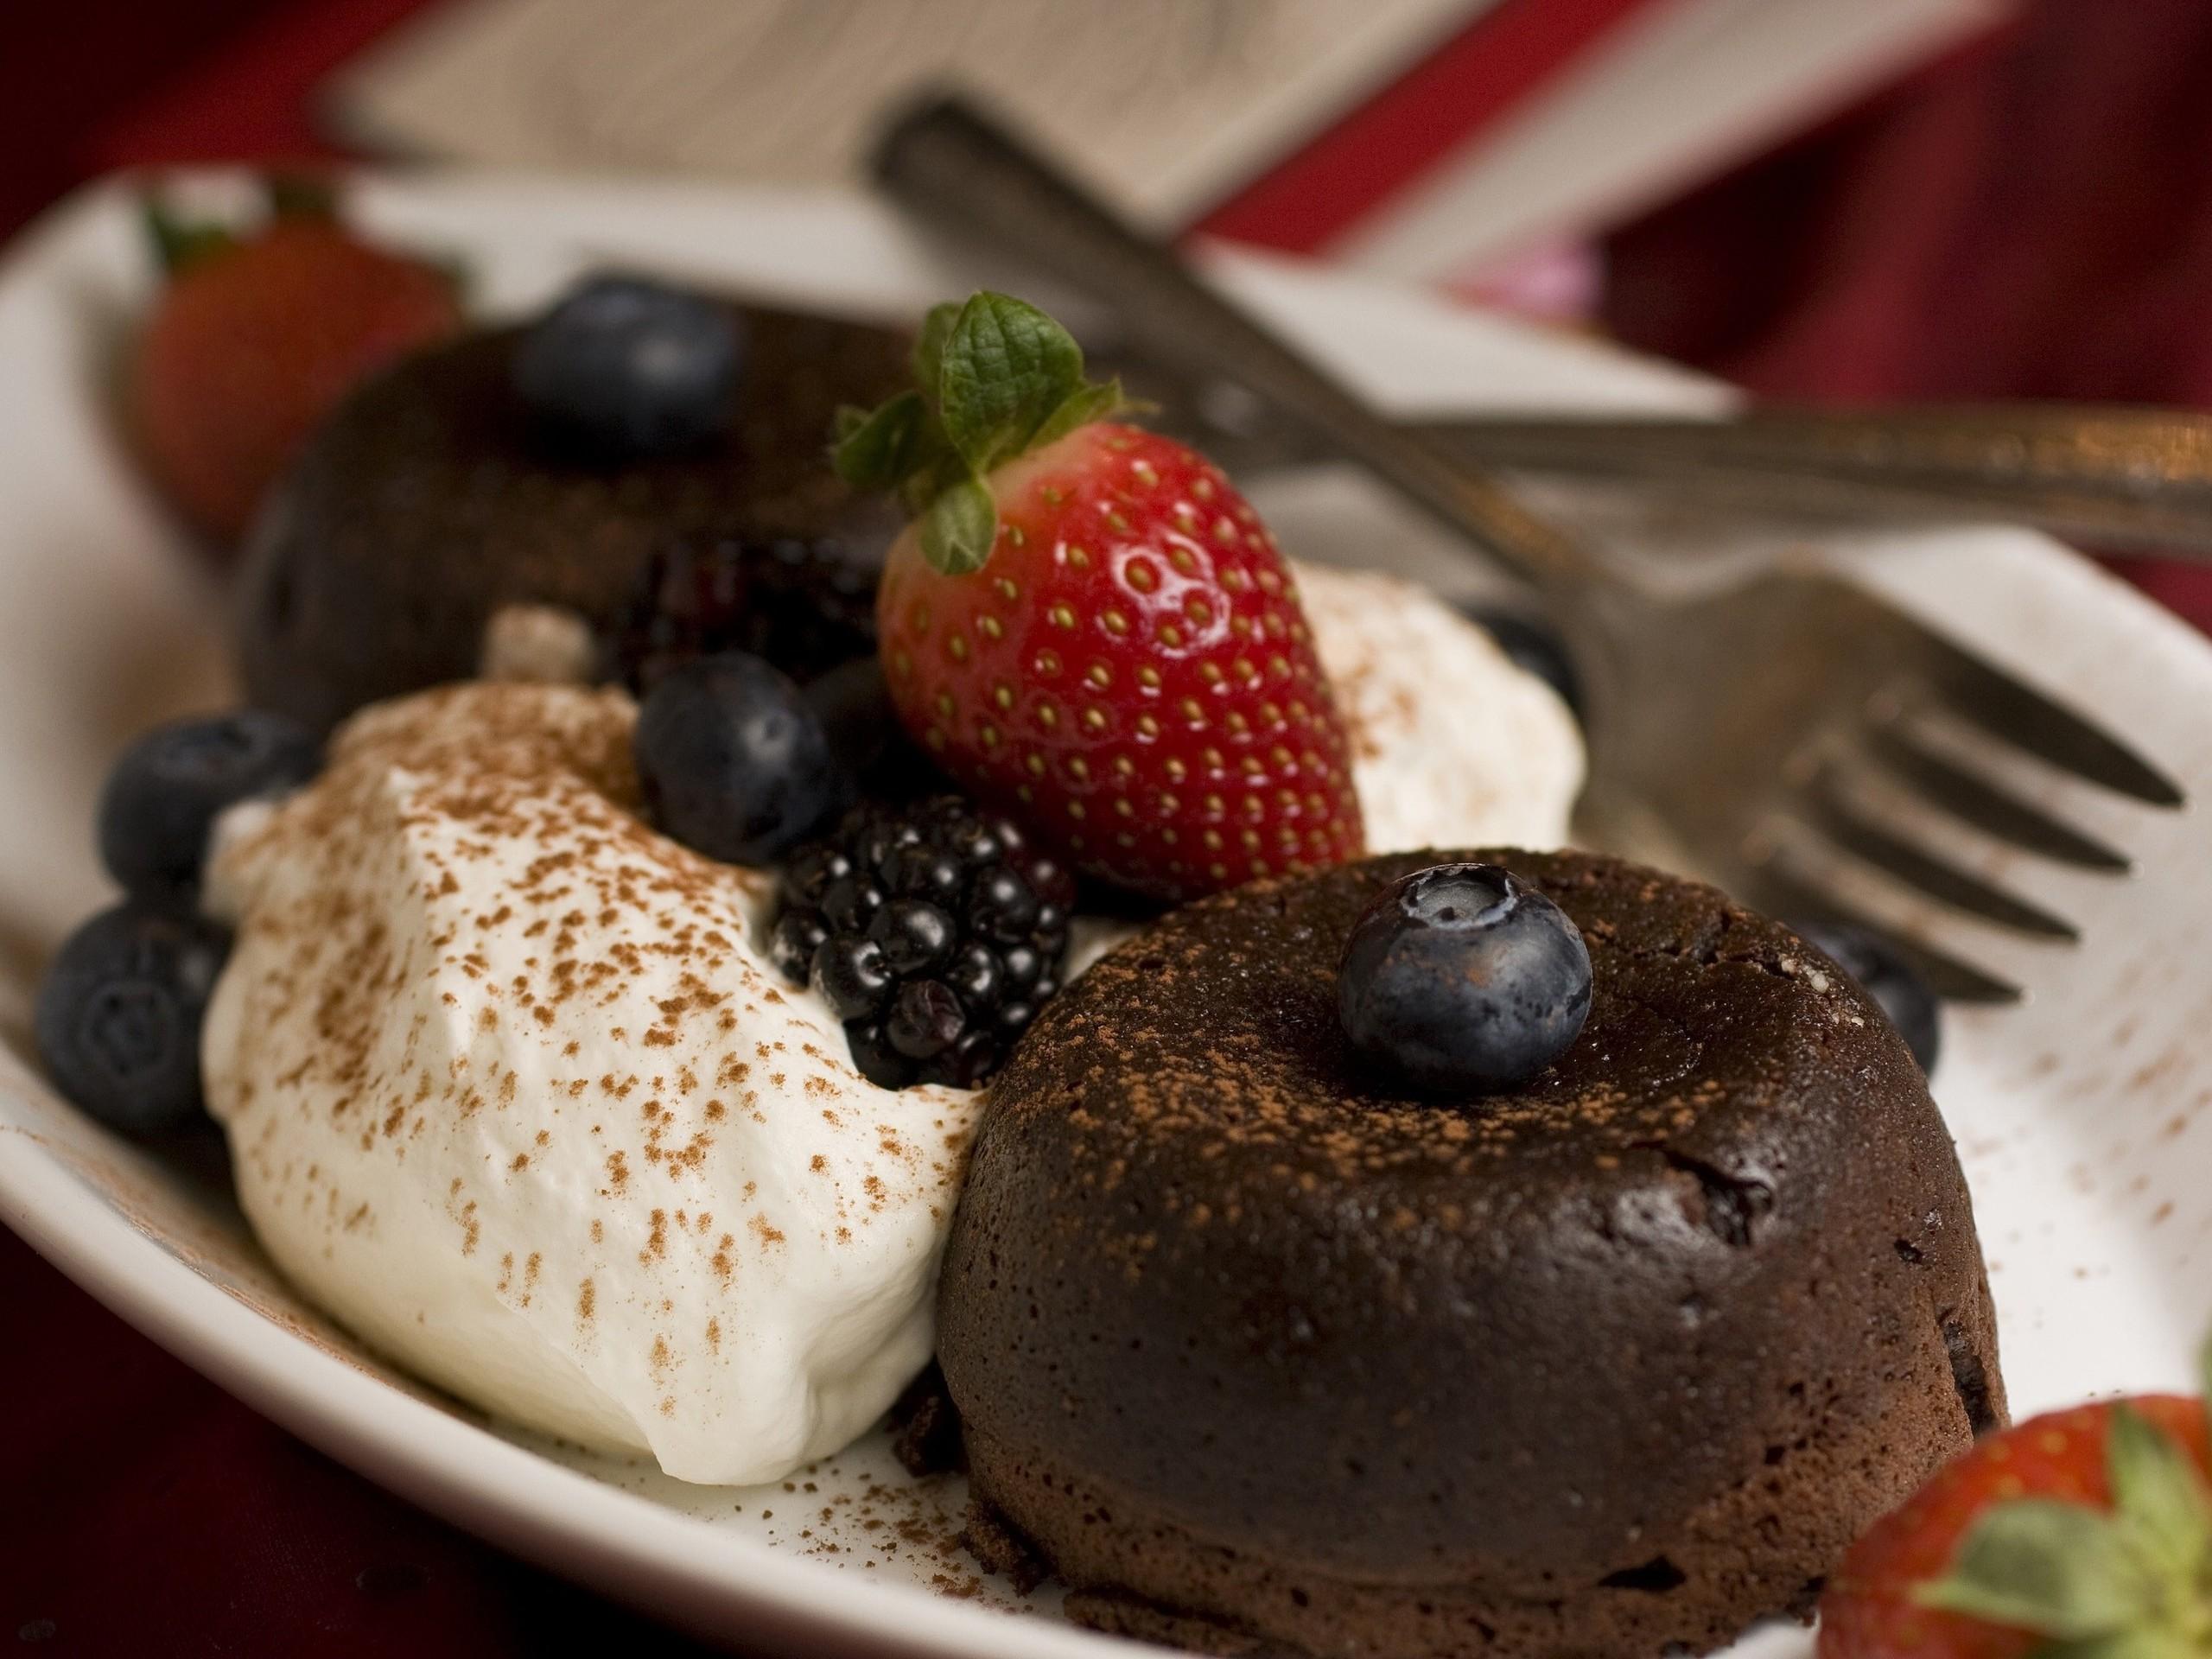 Free Best restaurant dessert supplier phone wallpaper by sallymaxwell